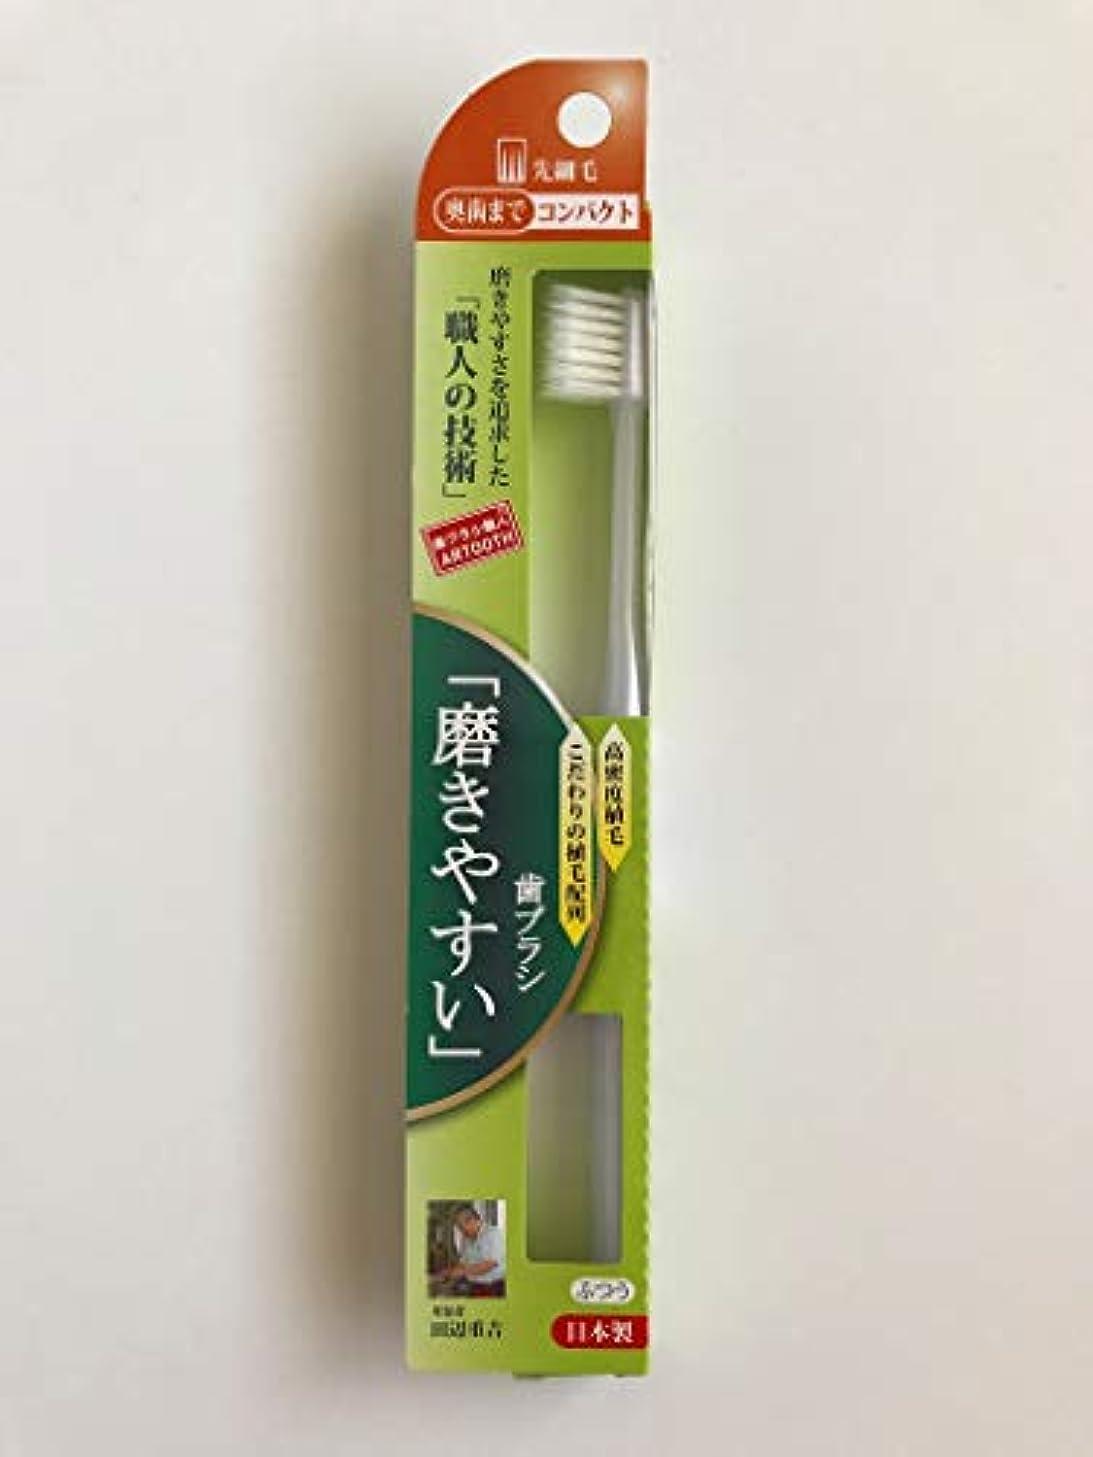 ラップトップマネージャー原稿歯ブラシ職人 Artooth® 田辺重吉 日本製 磨きやすい歯ブラシ 奥歯まで先細毛SLT-12 (6本入)